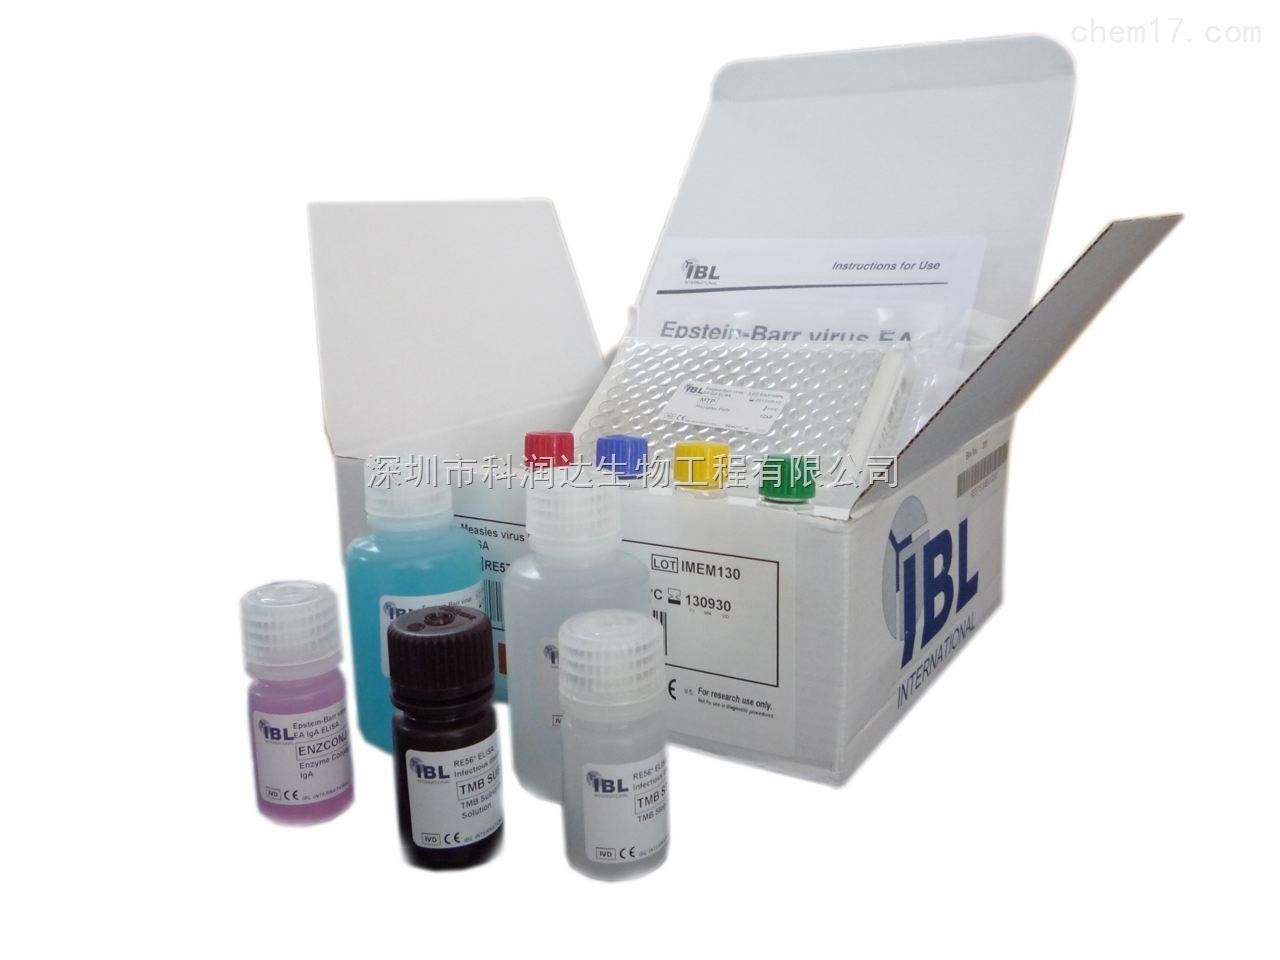 骨骼肌受体(MUSK)酶联诊断试剂盒